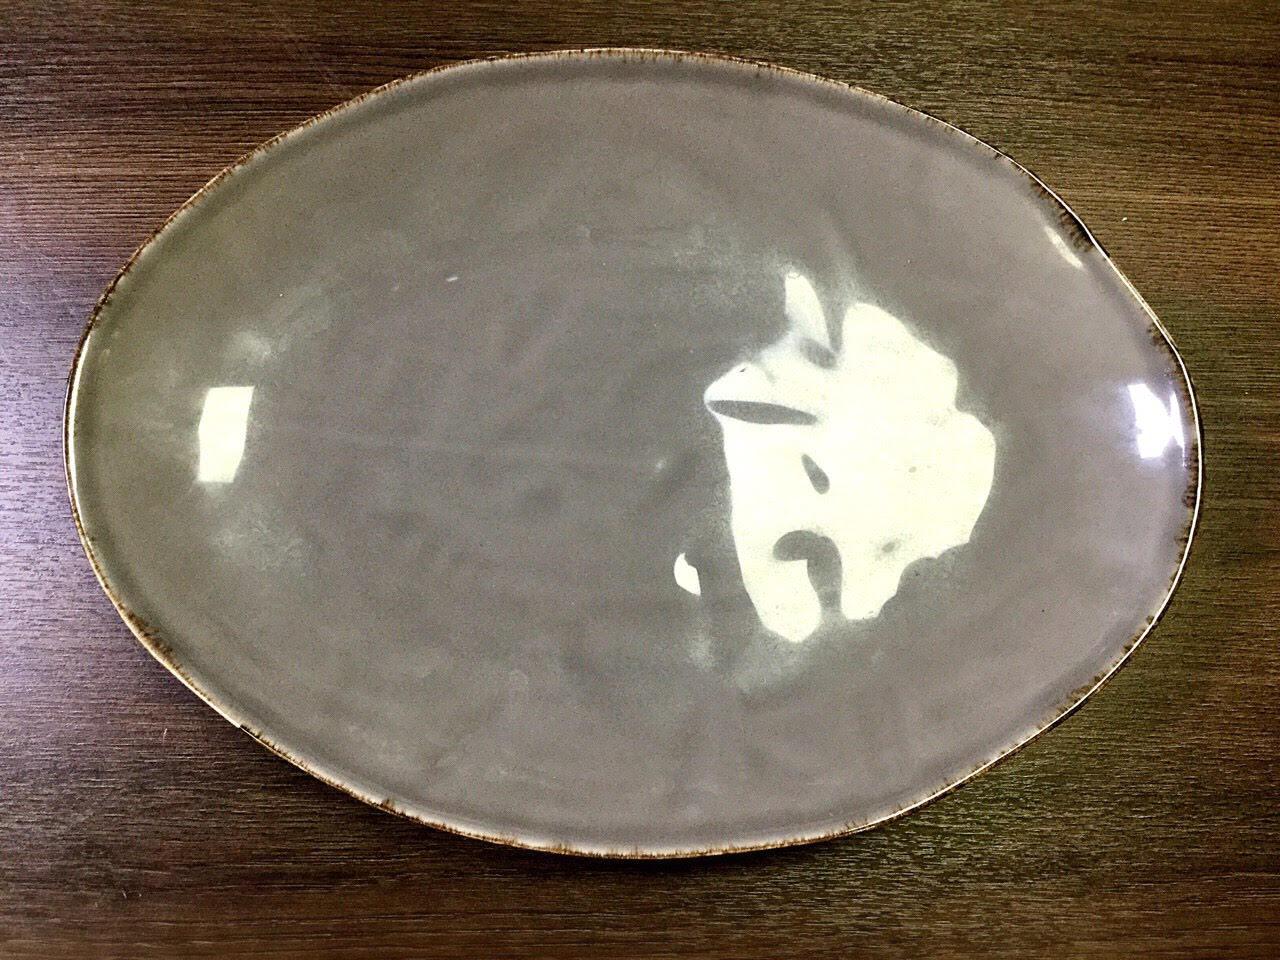 тарелка овальная серого цвета с коричневой окантовкой